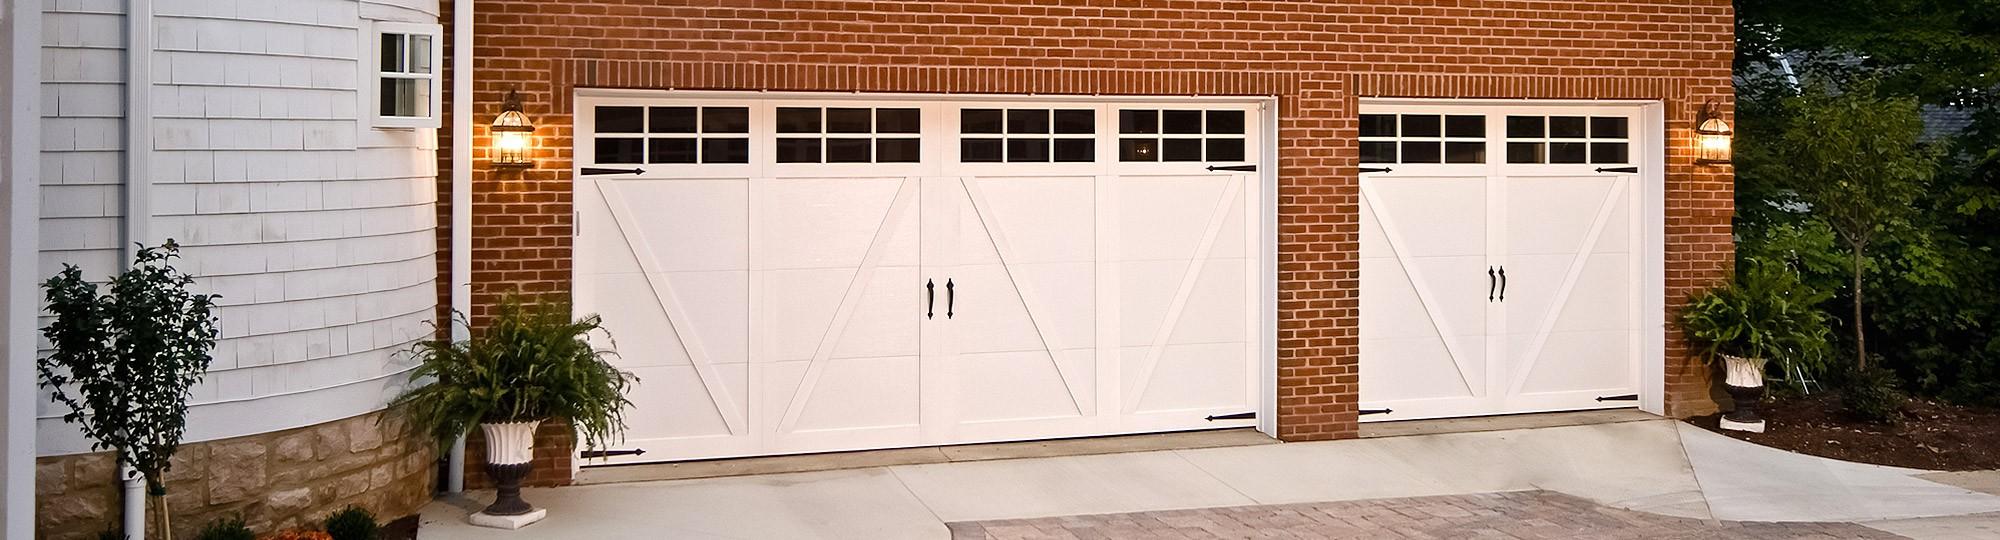 Garage door special offers beware of wood doors white for United states aluminum corporation doors